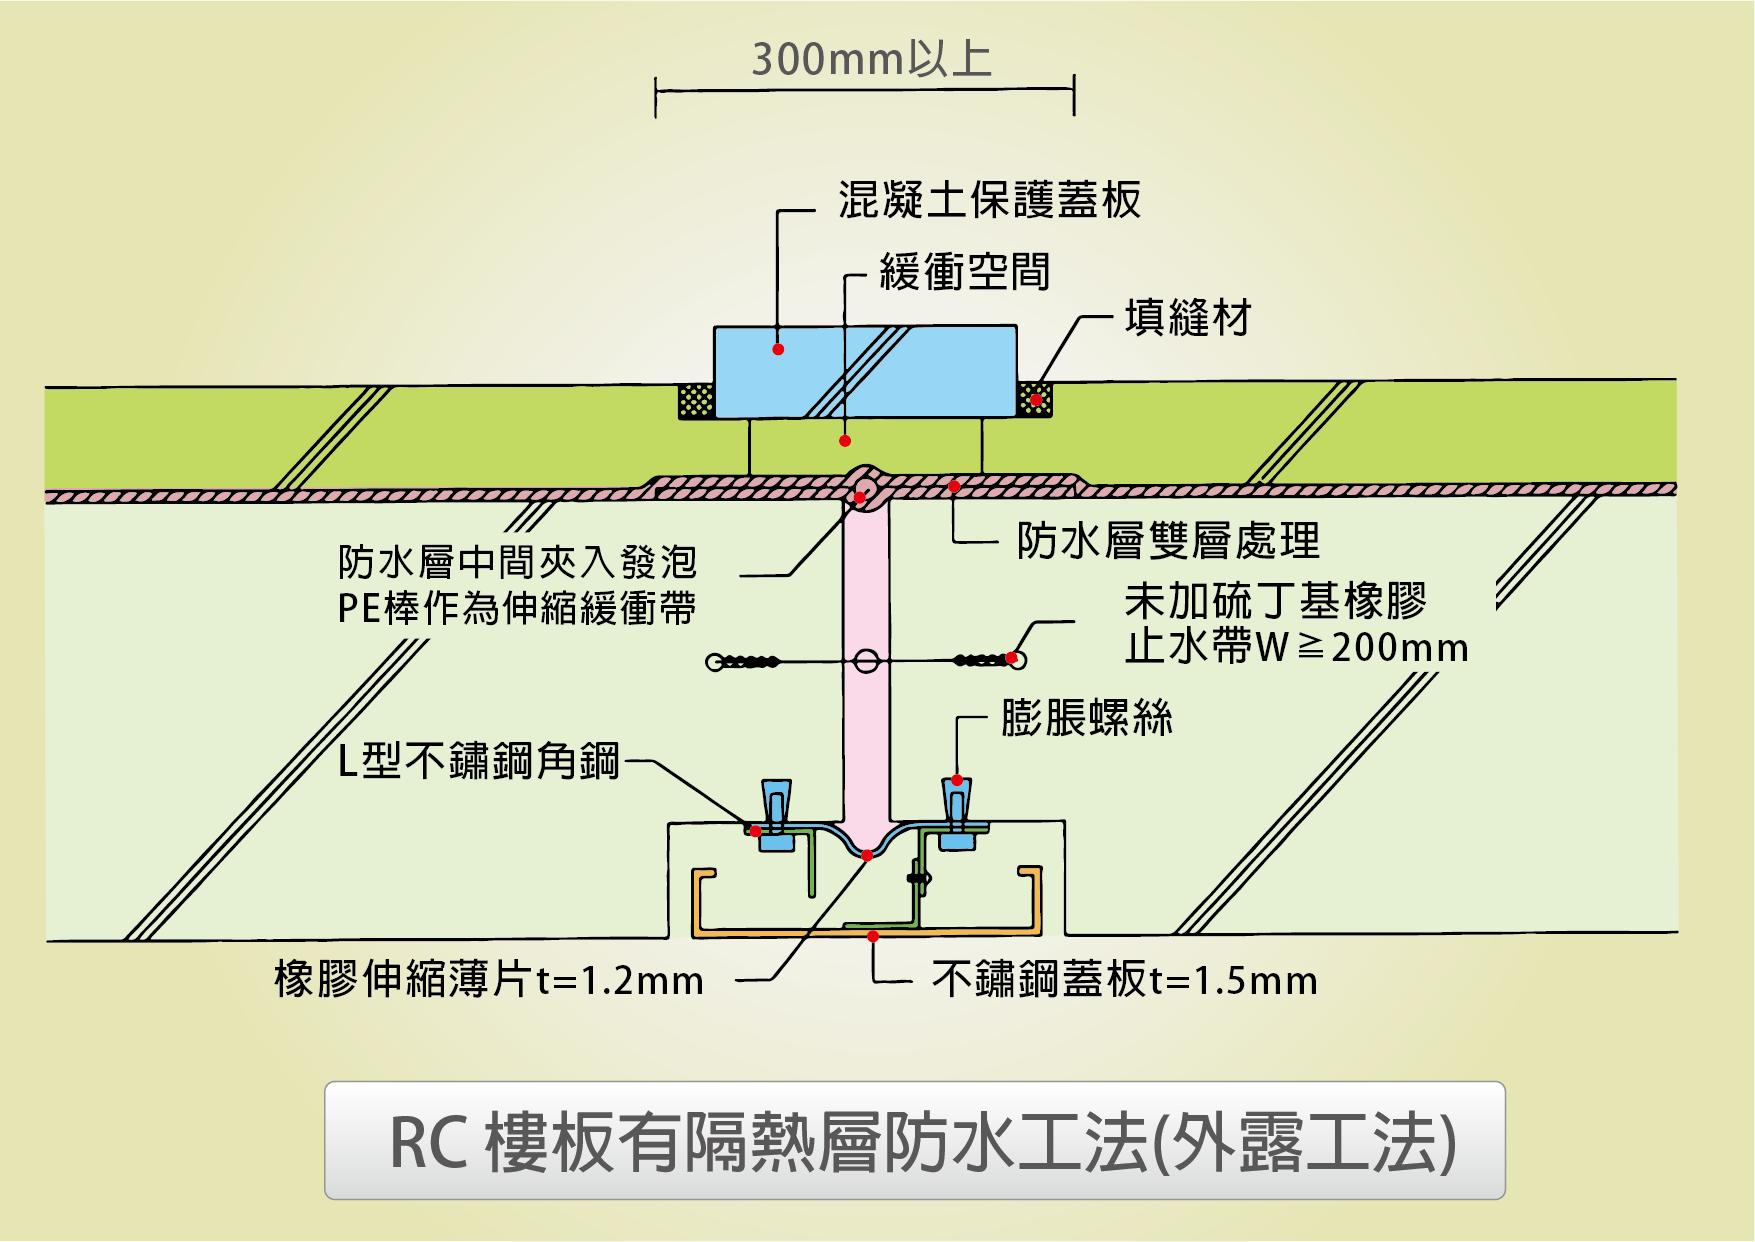 圖2-4-82(圖例一).png